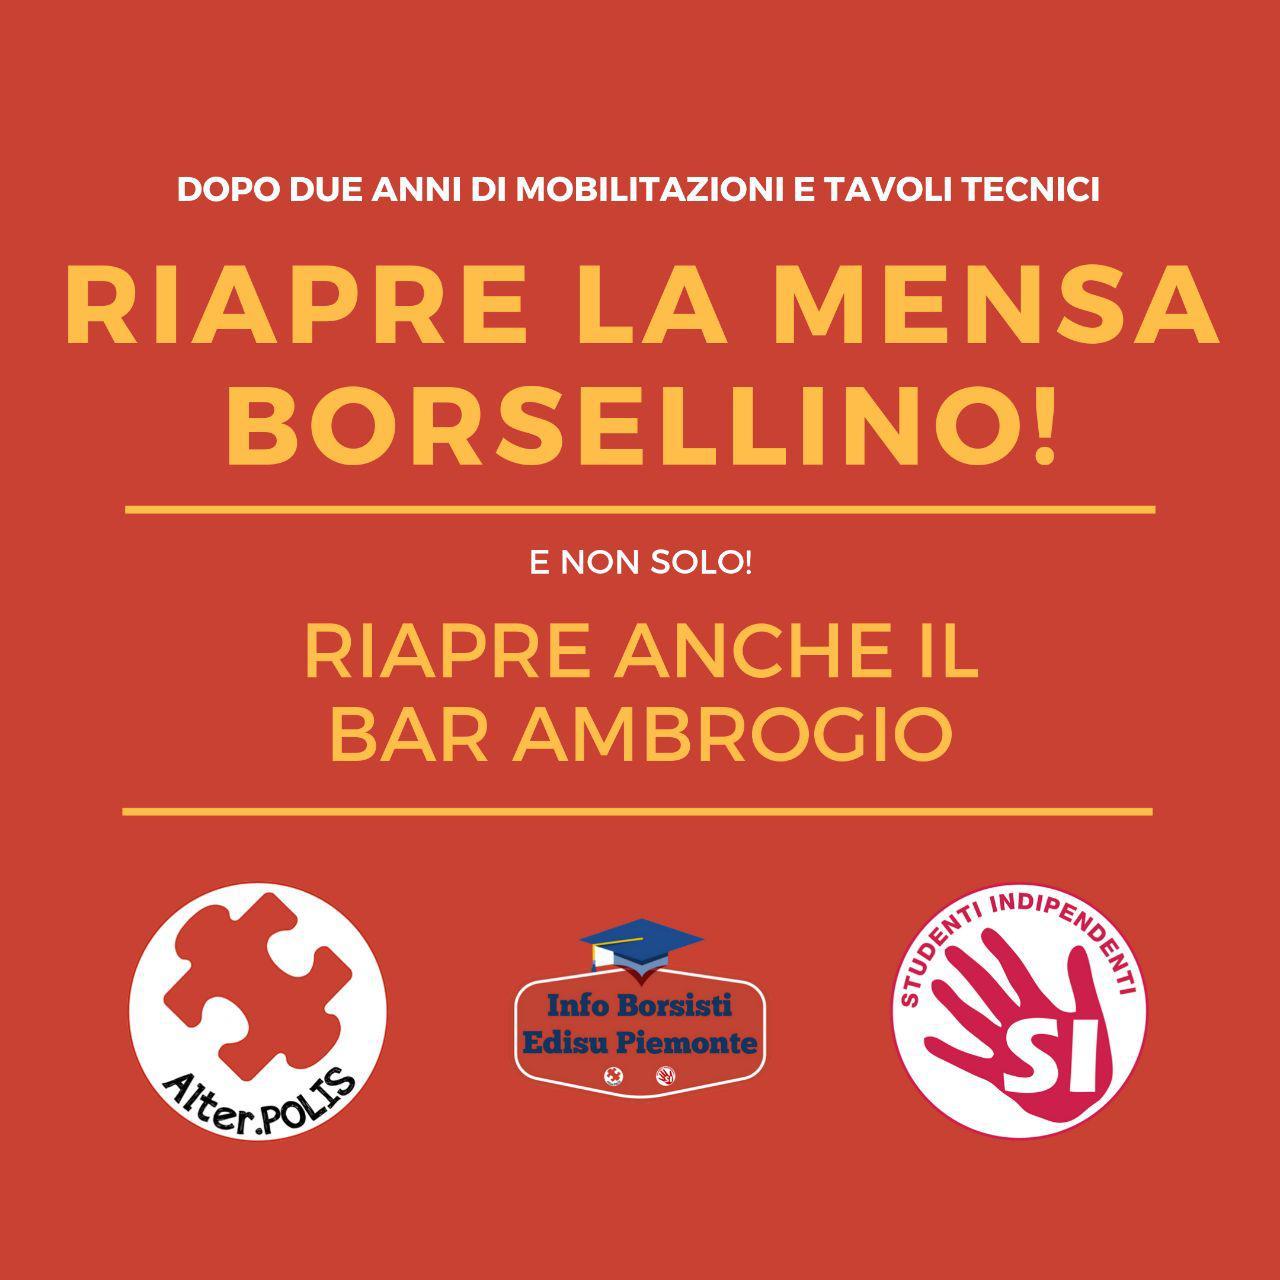 riapre_mensa_borsellino_polito